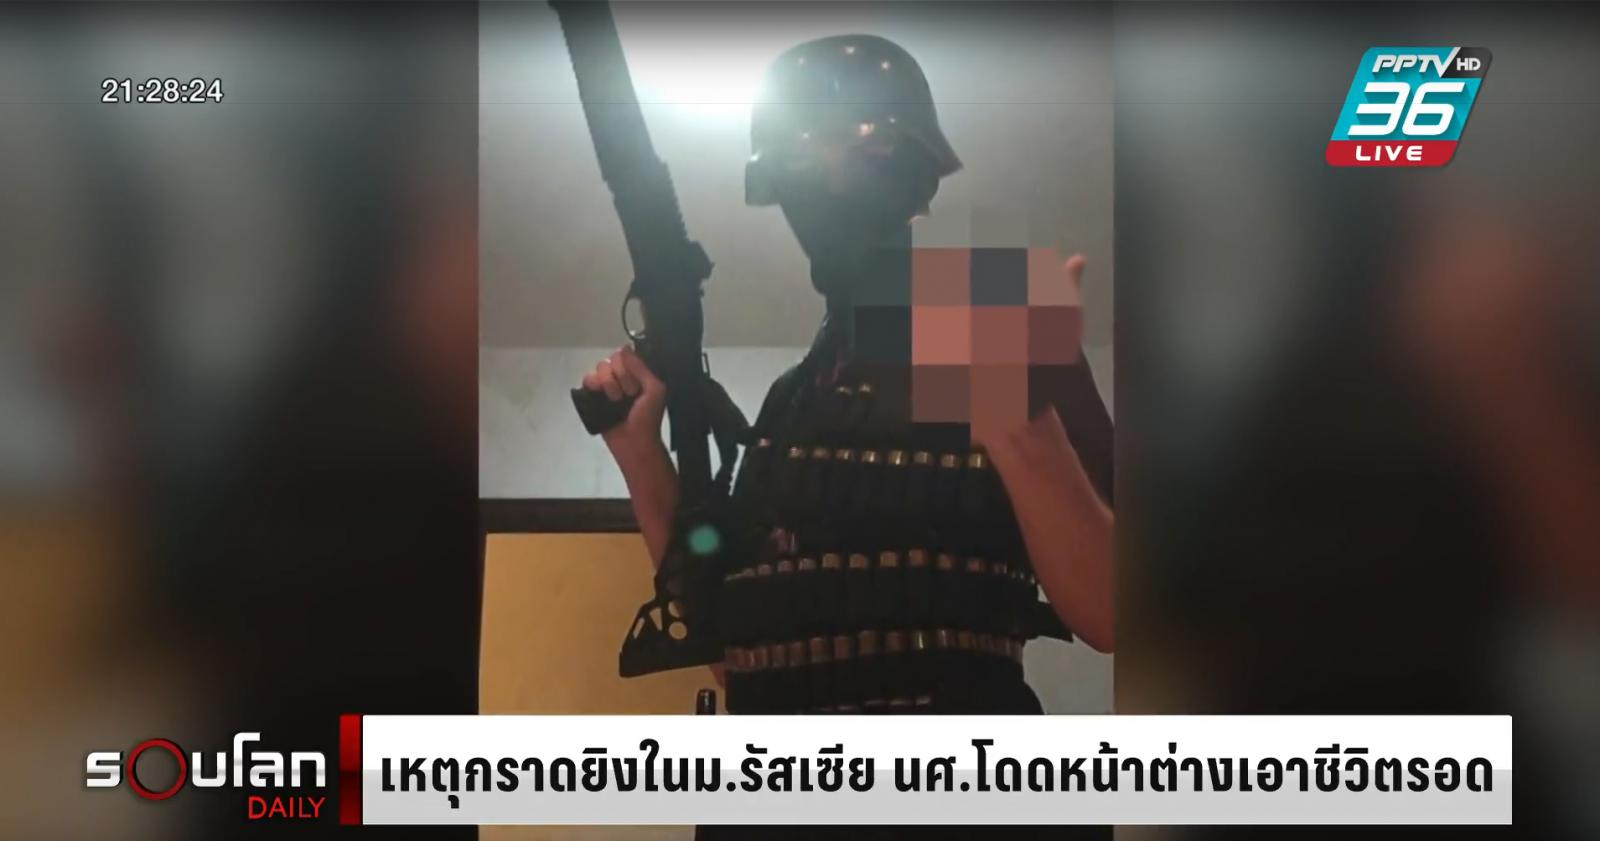 มือปืนบุกกราดยิงใน ม.รัสเซีย ดับ 8 ศพ นศ.โดดหน้าต่างหนีตายระทีก